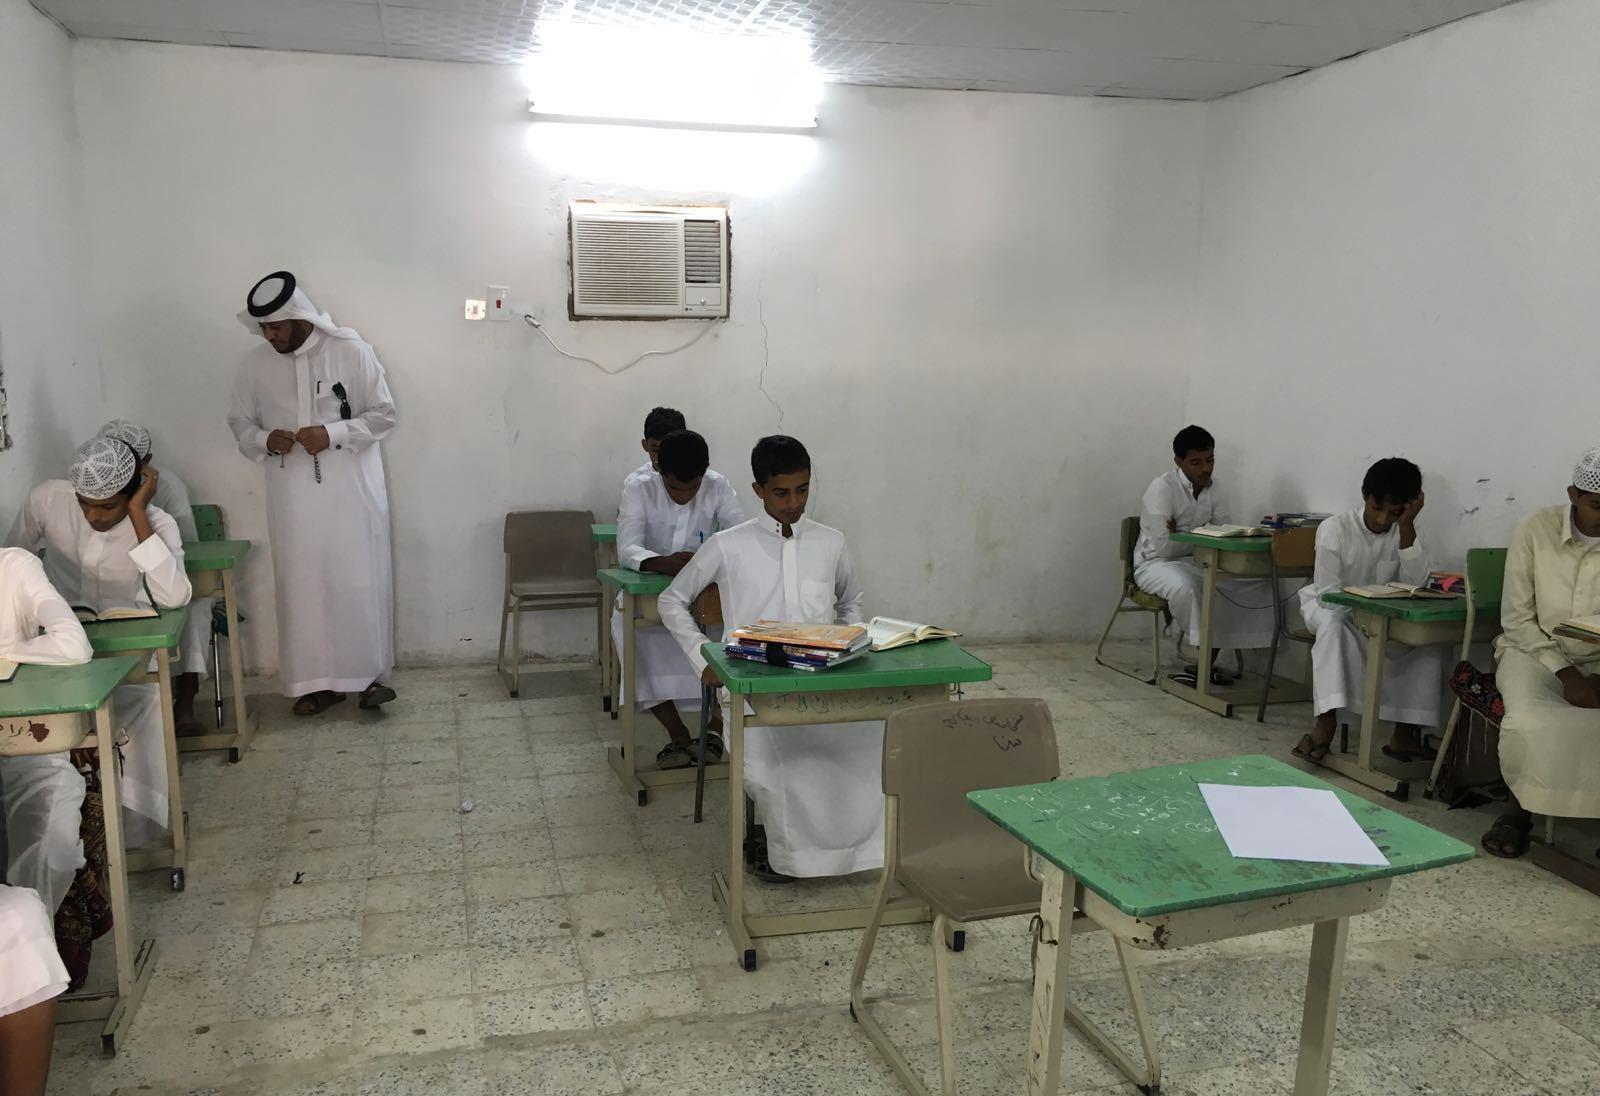 مدير تعليم الليث مرعي البركاني يطمأن على طلاب قرية المستنقع (6)